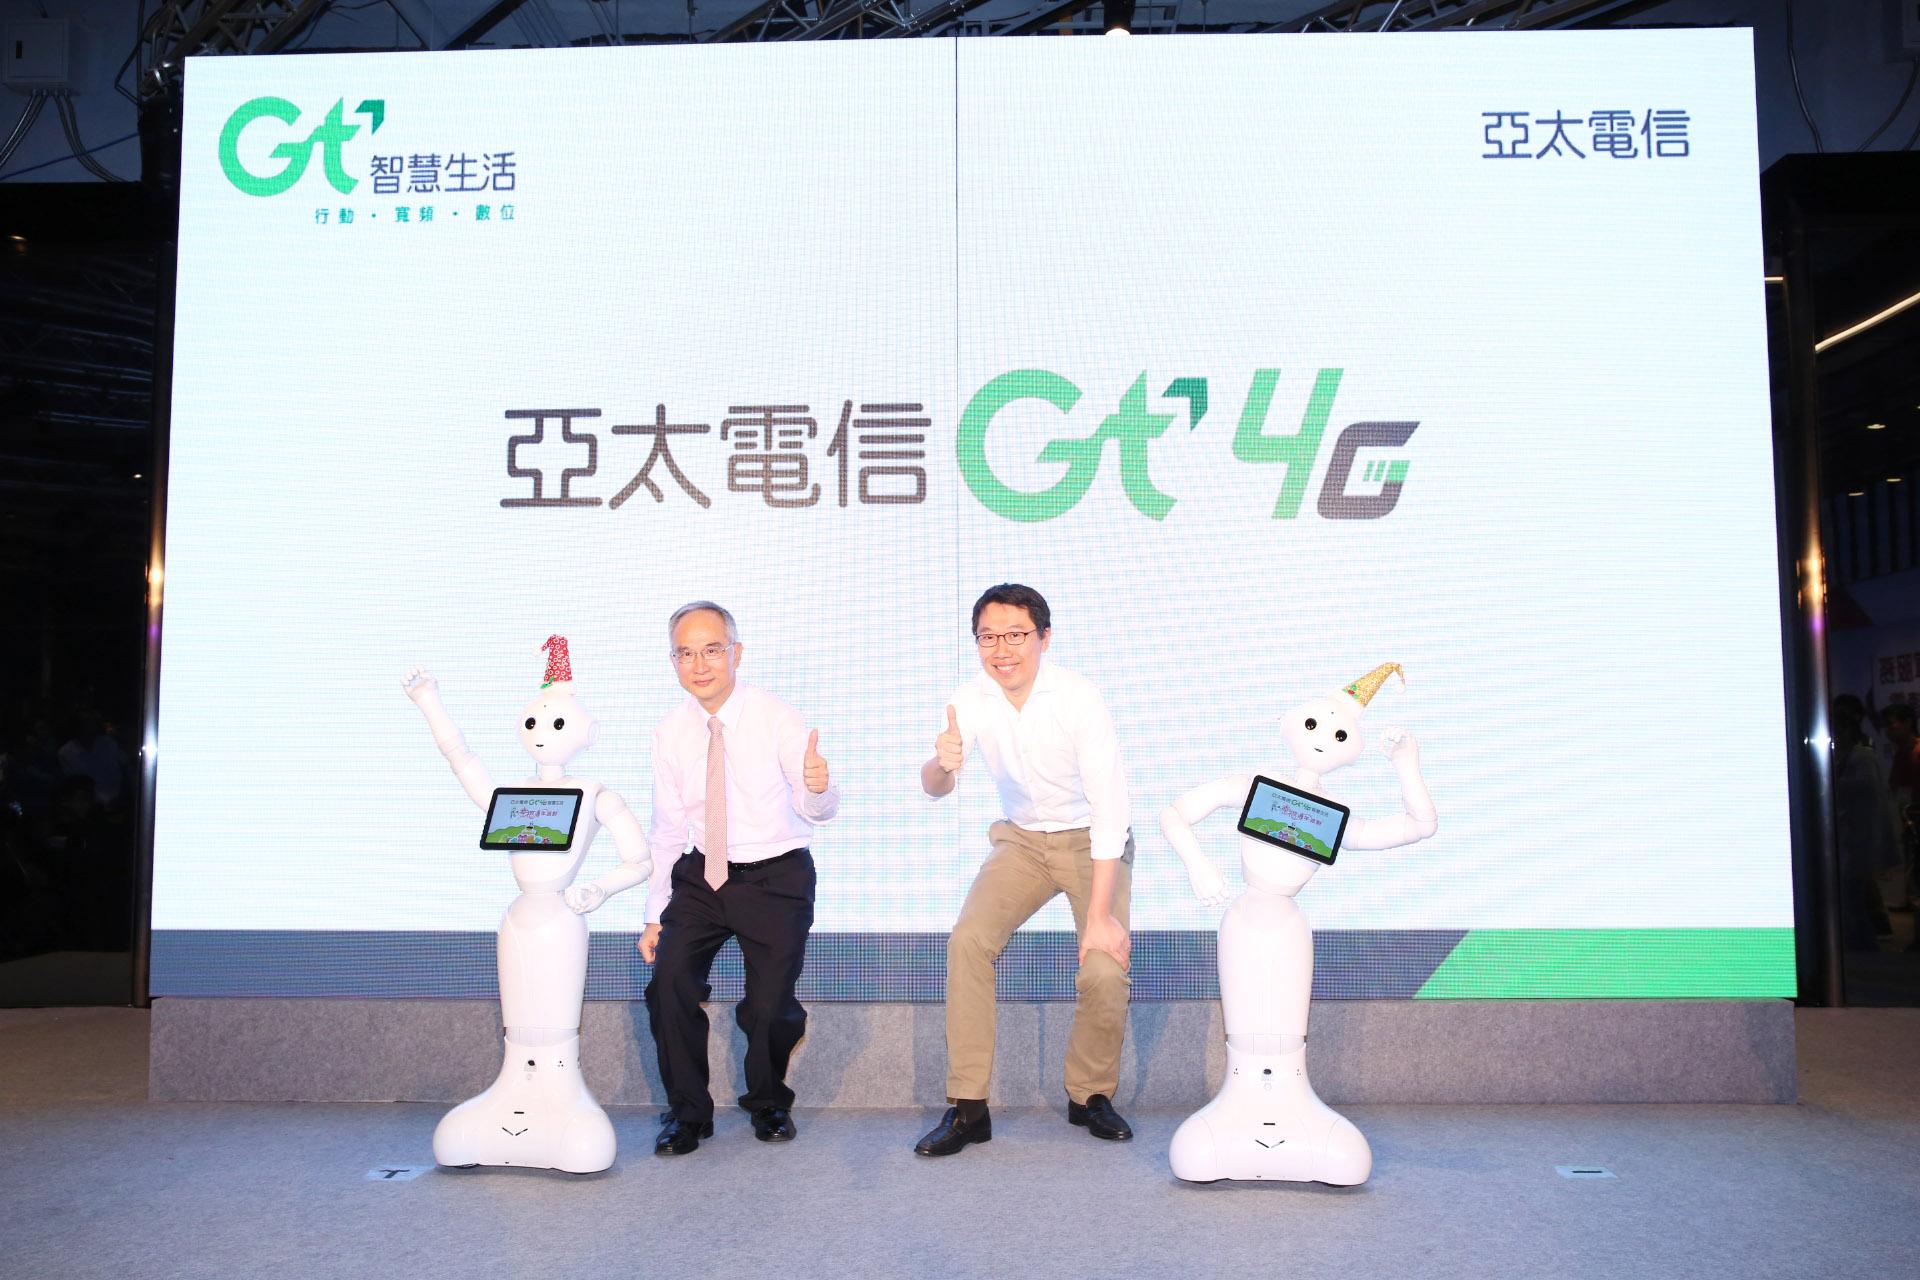 日本機器人 Pepper 現身三創,常駐亞太電信門市擔任駐店大使